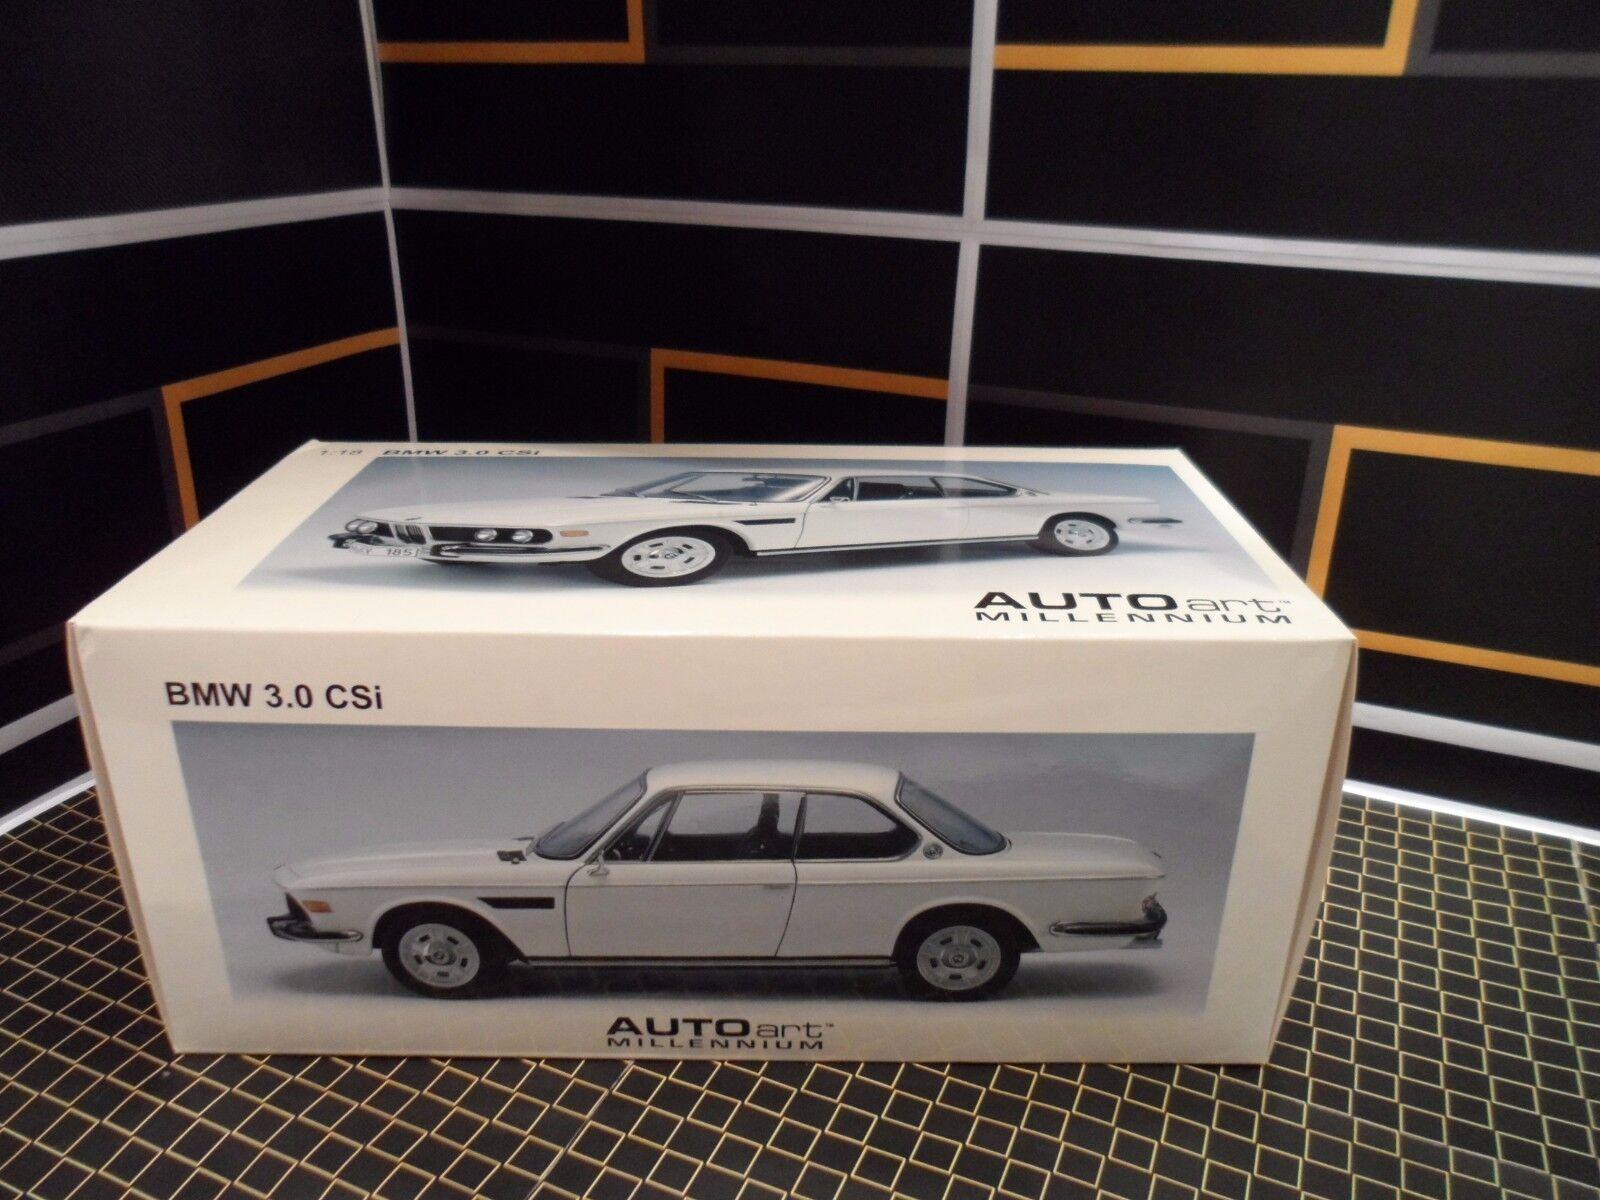 AUTOart BMW BMW BMW 3.0 CSI  E9 1 18 White 3c7767